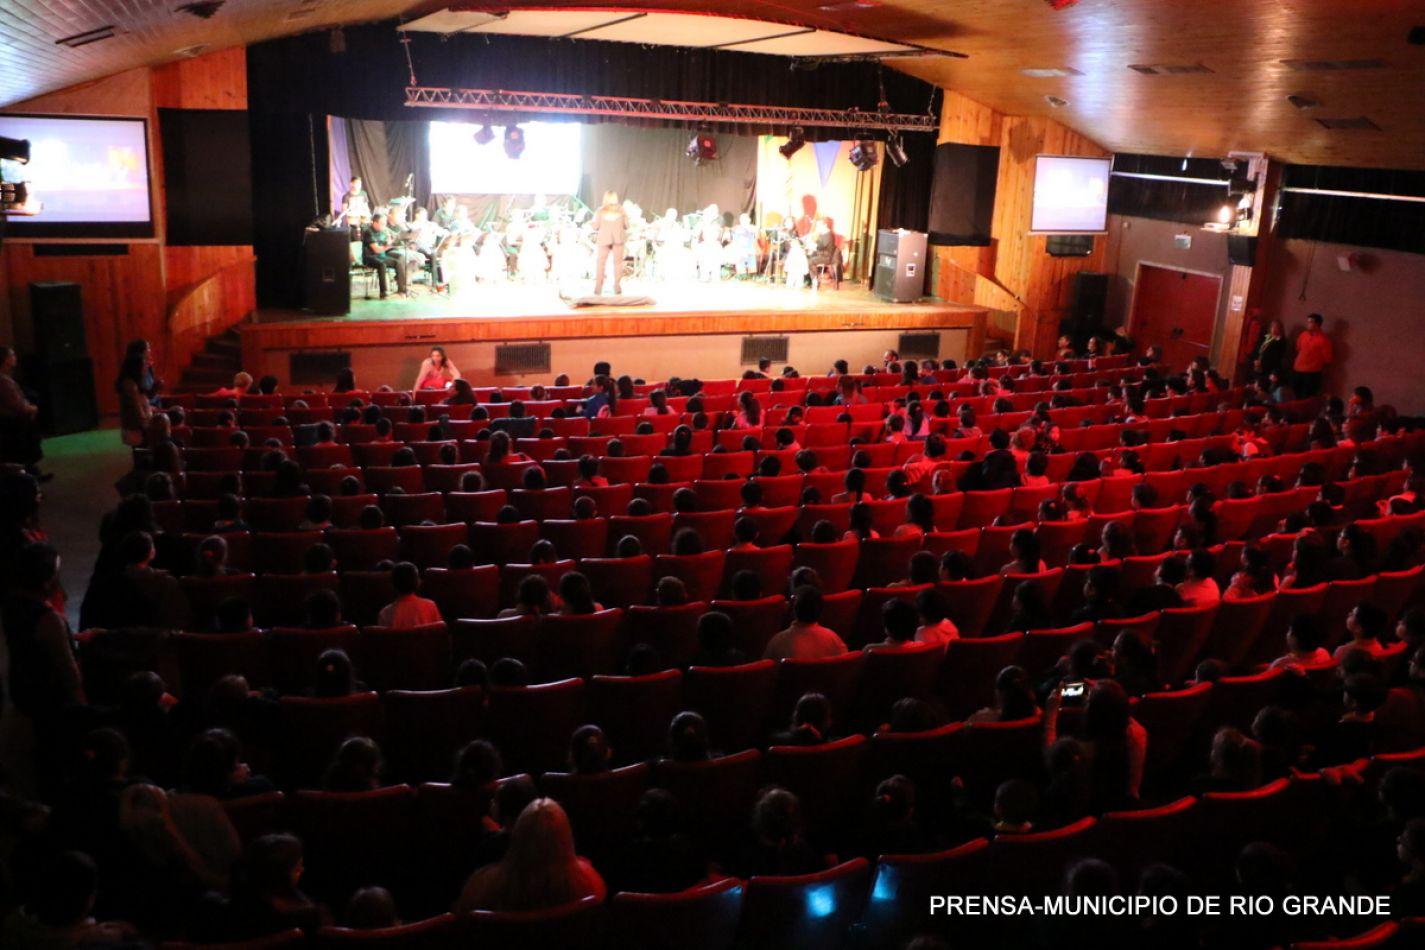 """El evento denominado """"Música del ayer, hoy y siempre"""" tendrá lugar en las instalaciones de la Casa de la Cultura"""